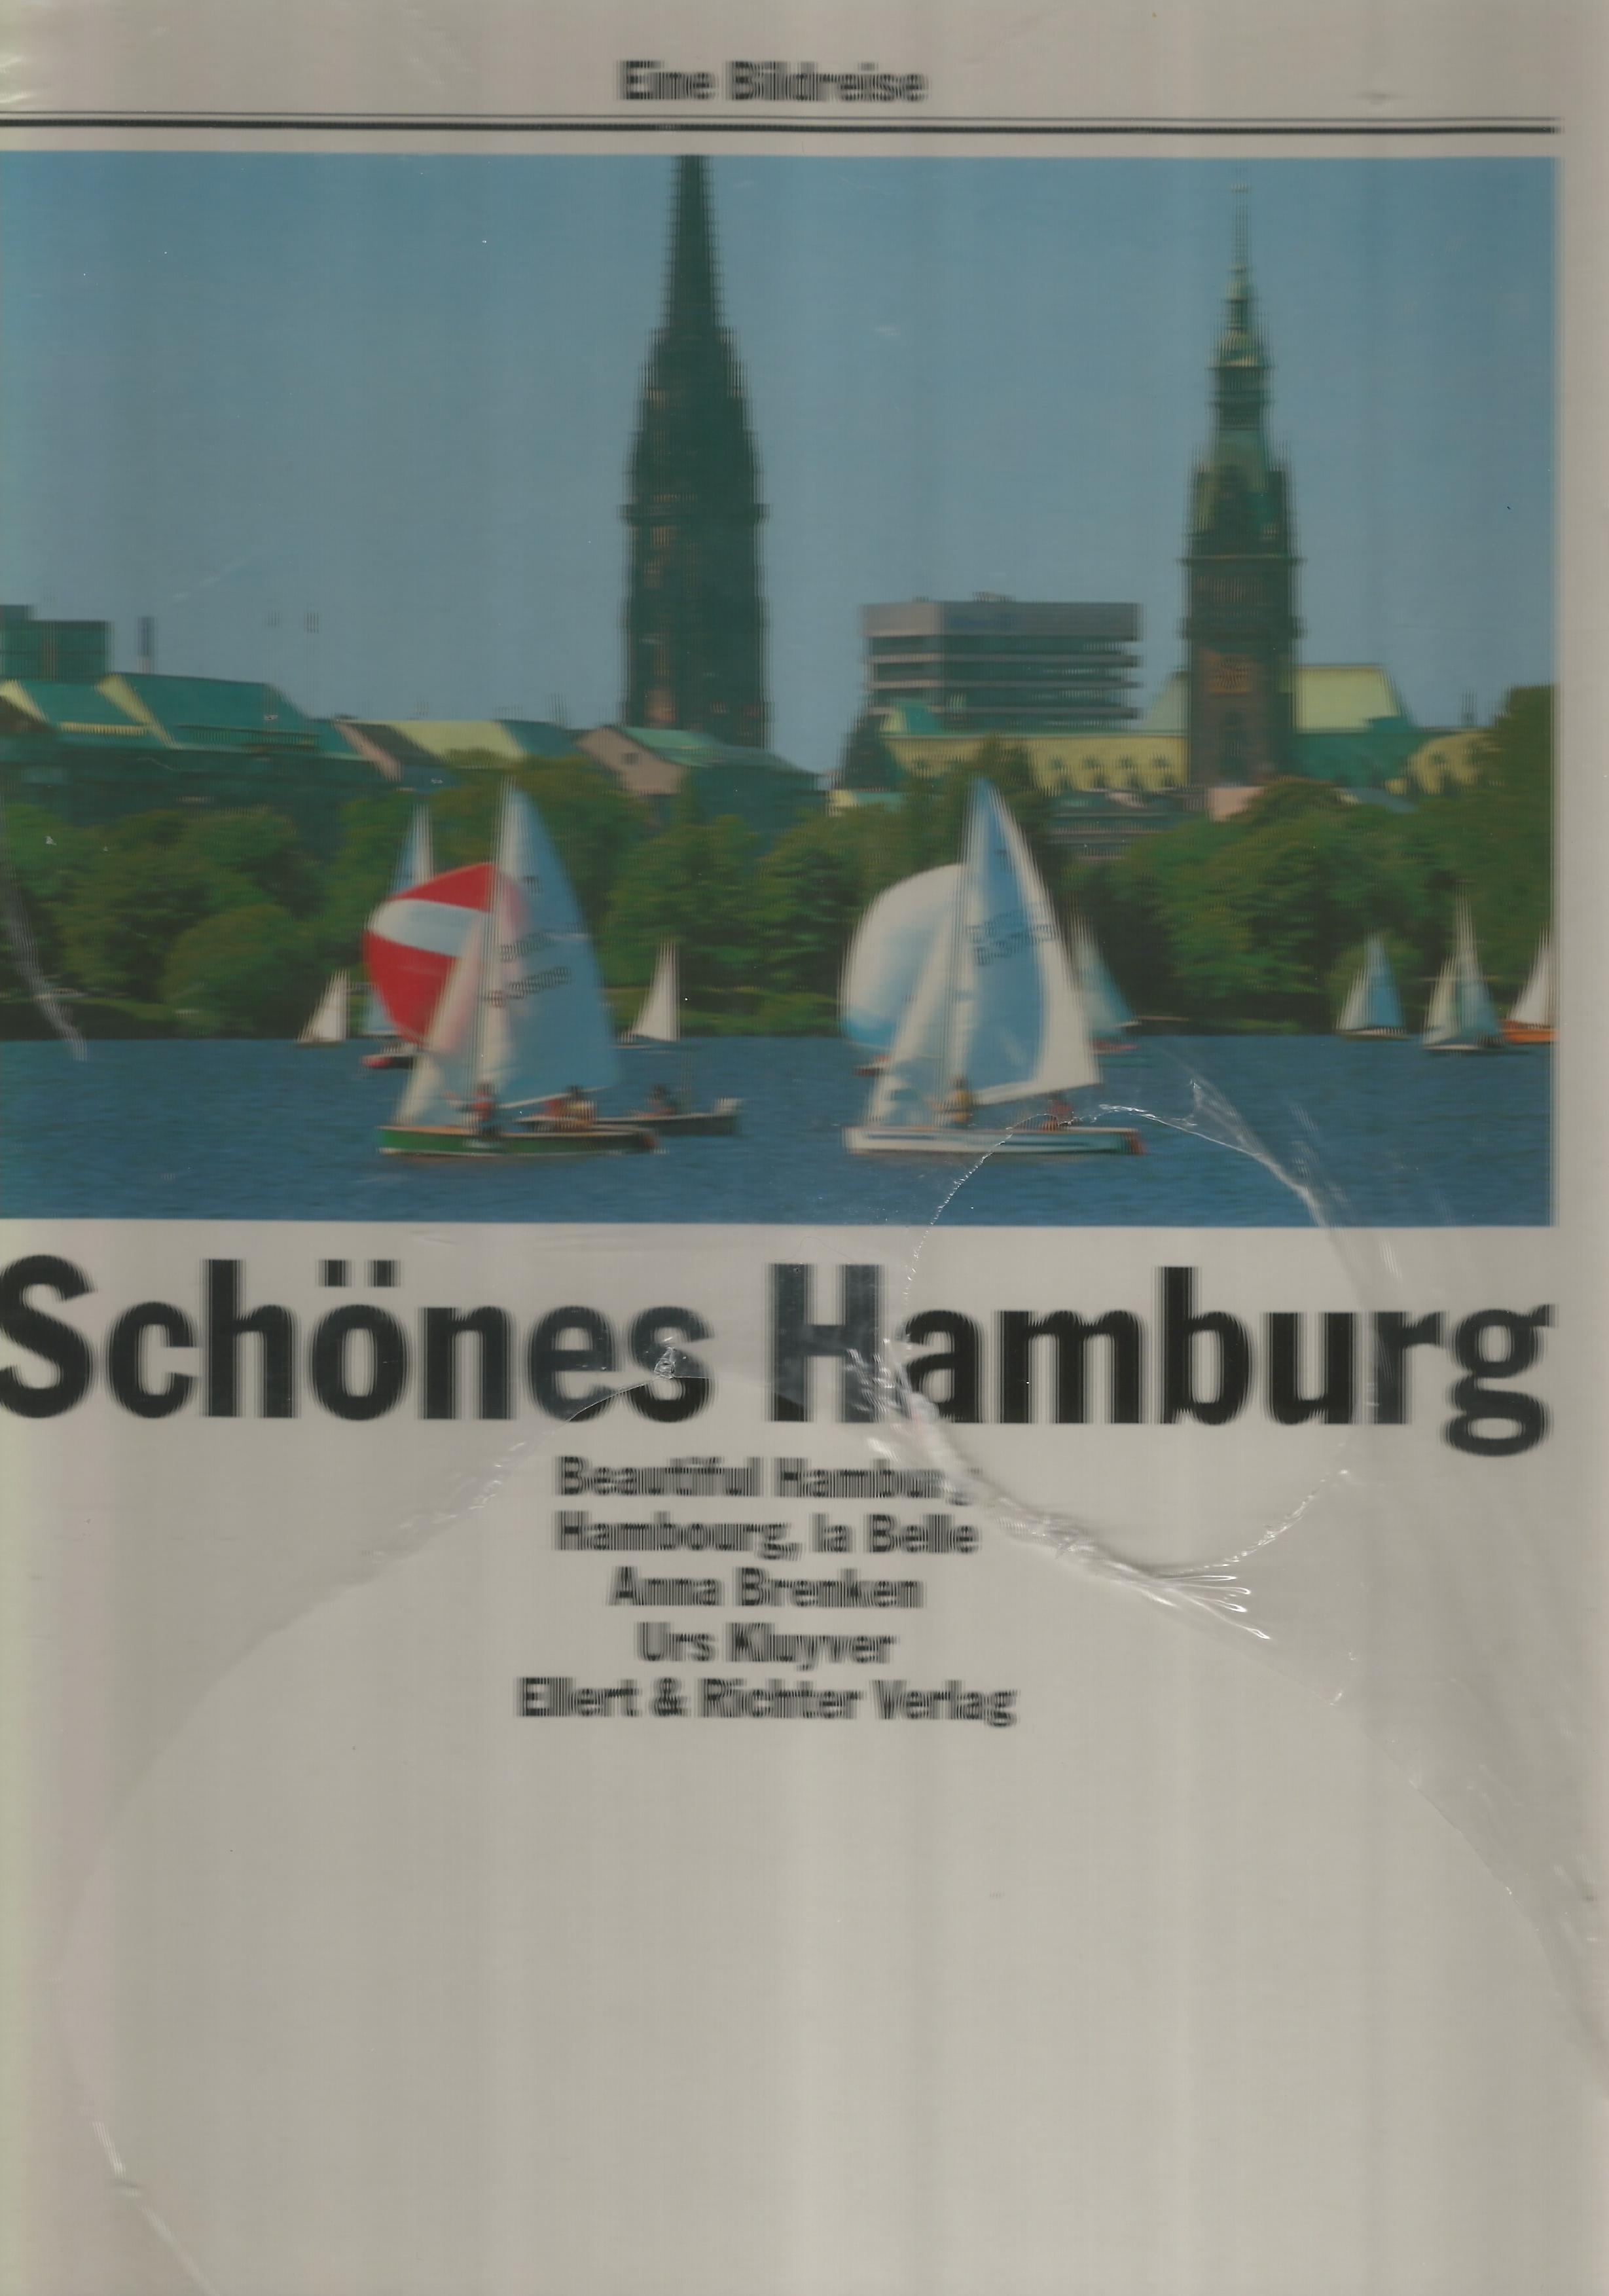 Schönes Hamburg. Eine Bildreise